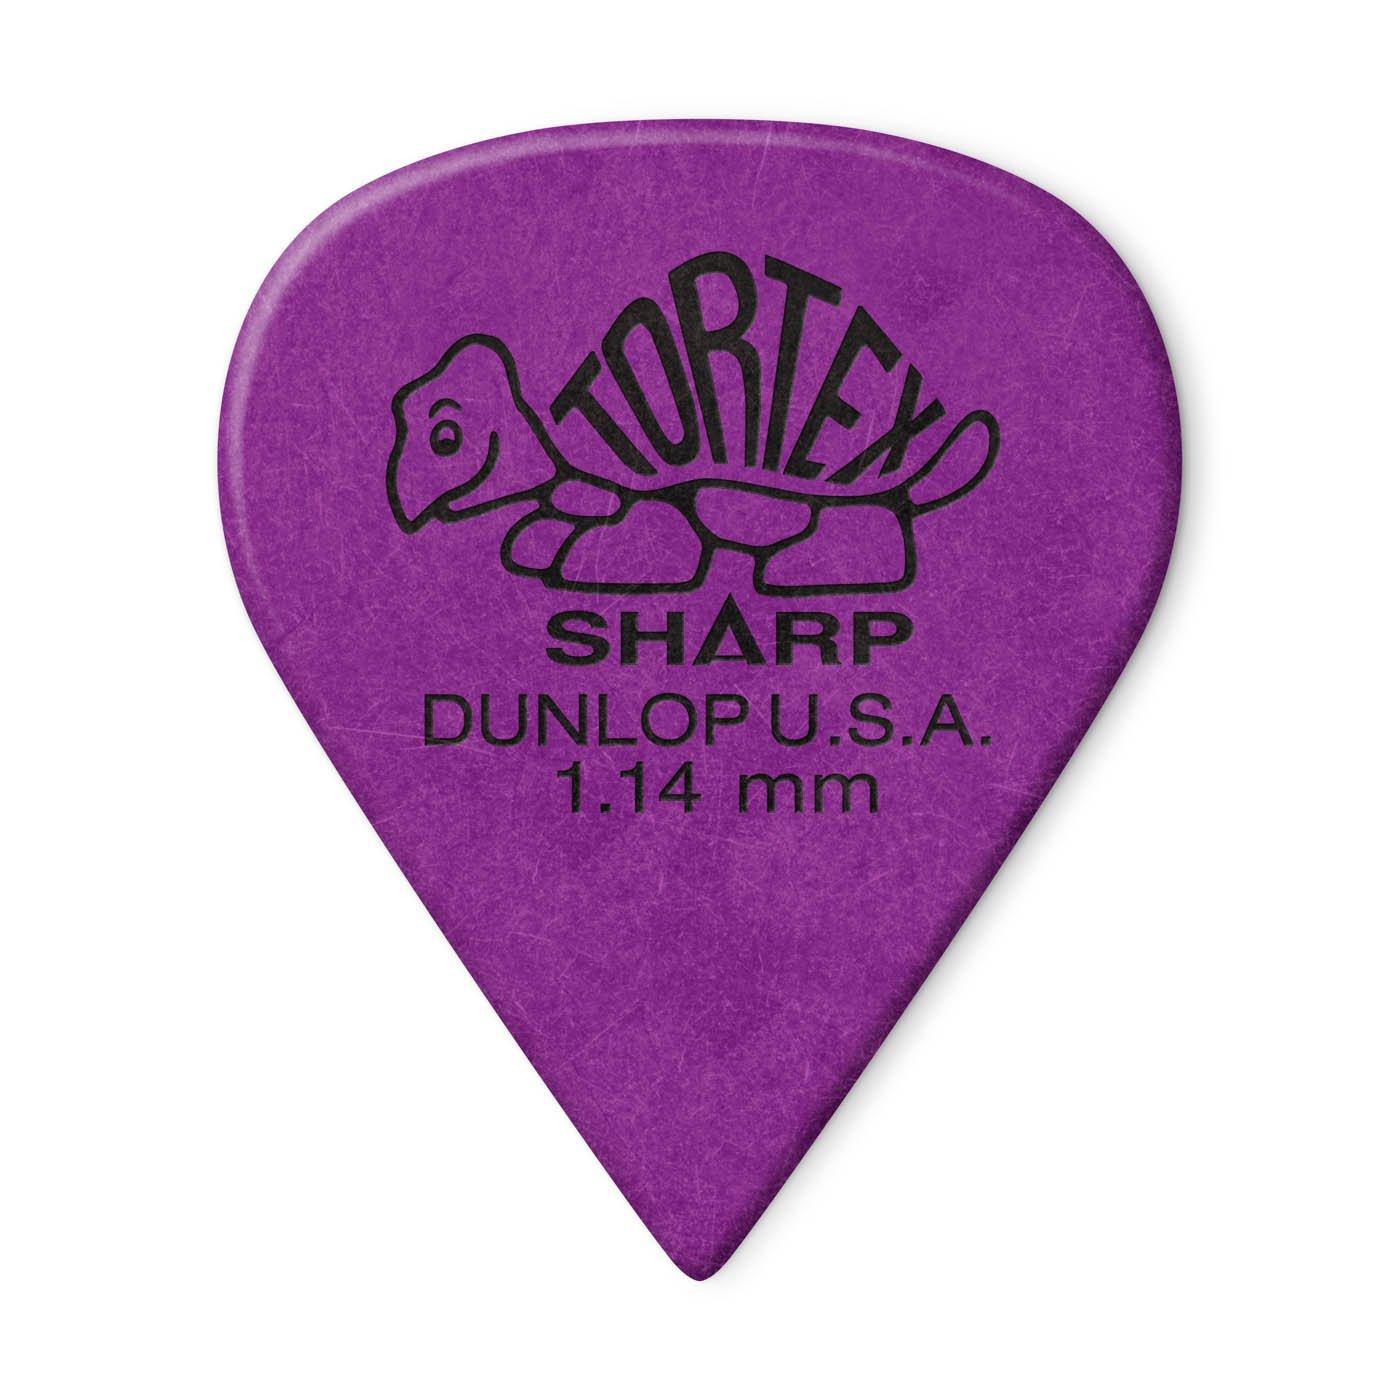 Dunlop 412P1.14  Tortex Sharp Guitar Picks, 1.14mm 12ct